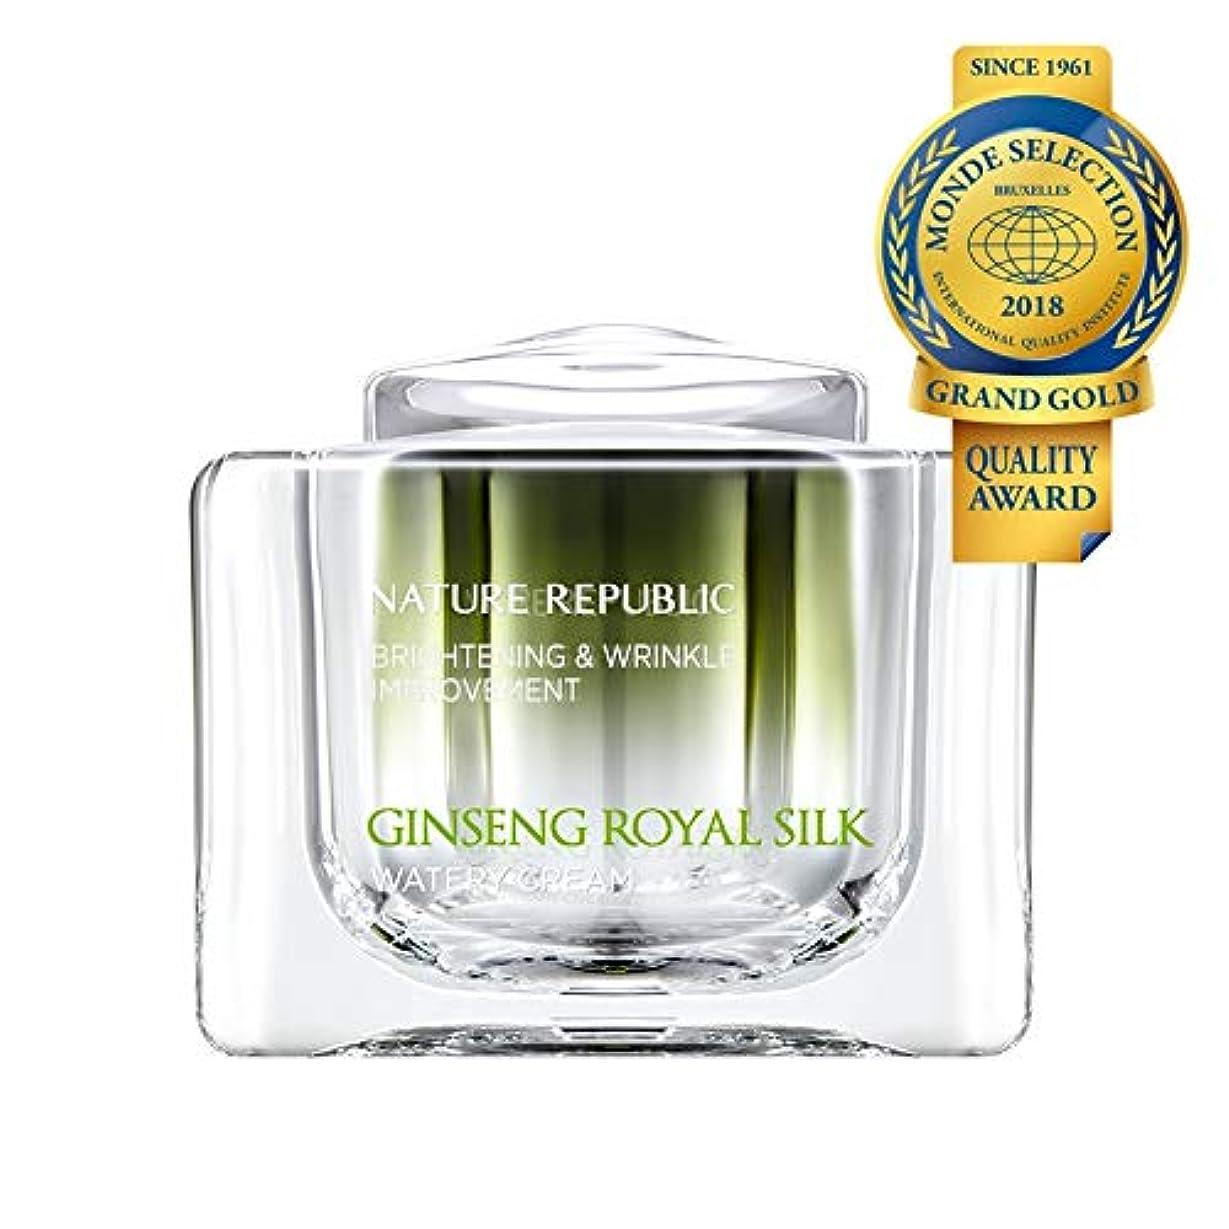 光沢エレベータープレゼンターネイチャーリパブリック(Nature Republic)ジンセンロイヤルシルクウォーターリークリーム 60g / Ginseng Royal Silk Watery Cream 60g :: 韓国コスメ [並行輸入品]